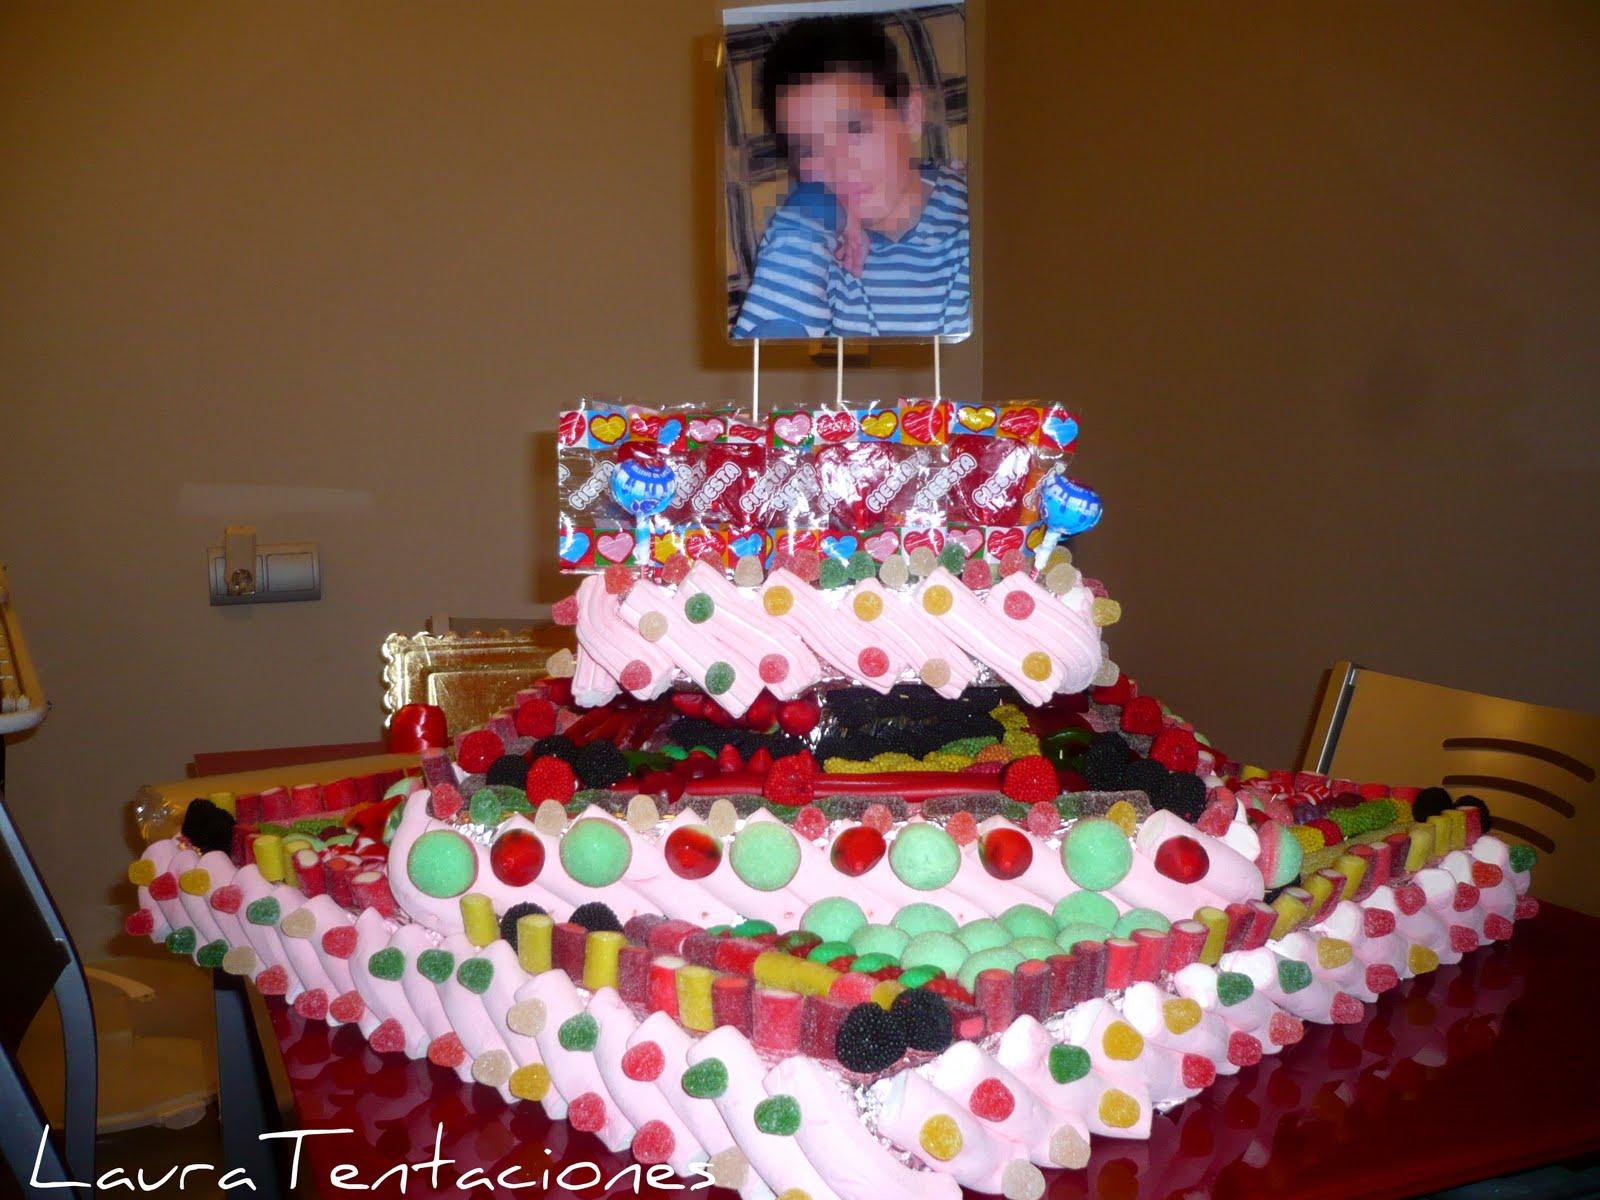 Tentaciones tarta de chuches - Tartas de chuches fotos ...